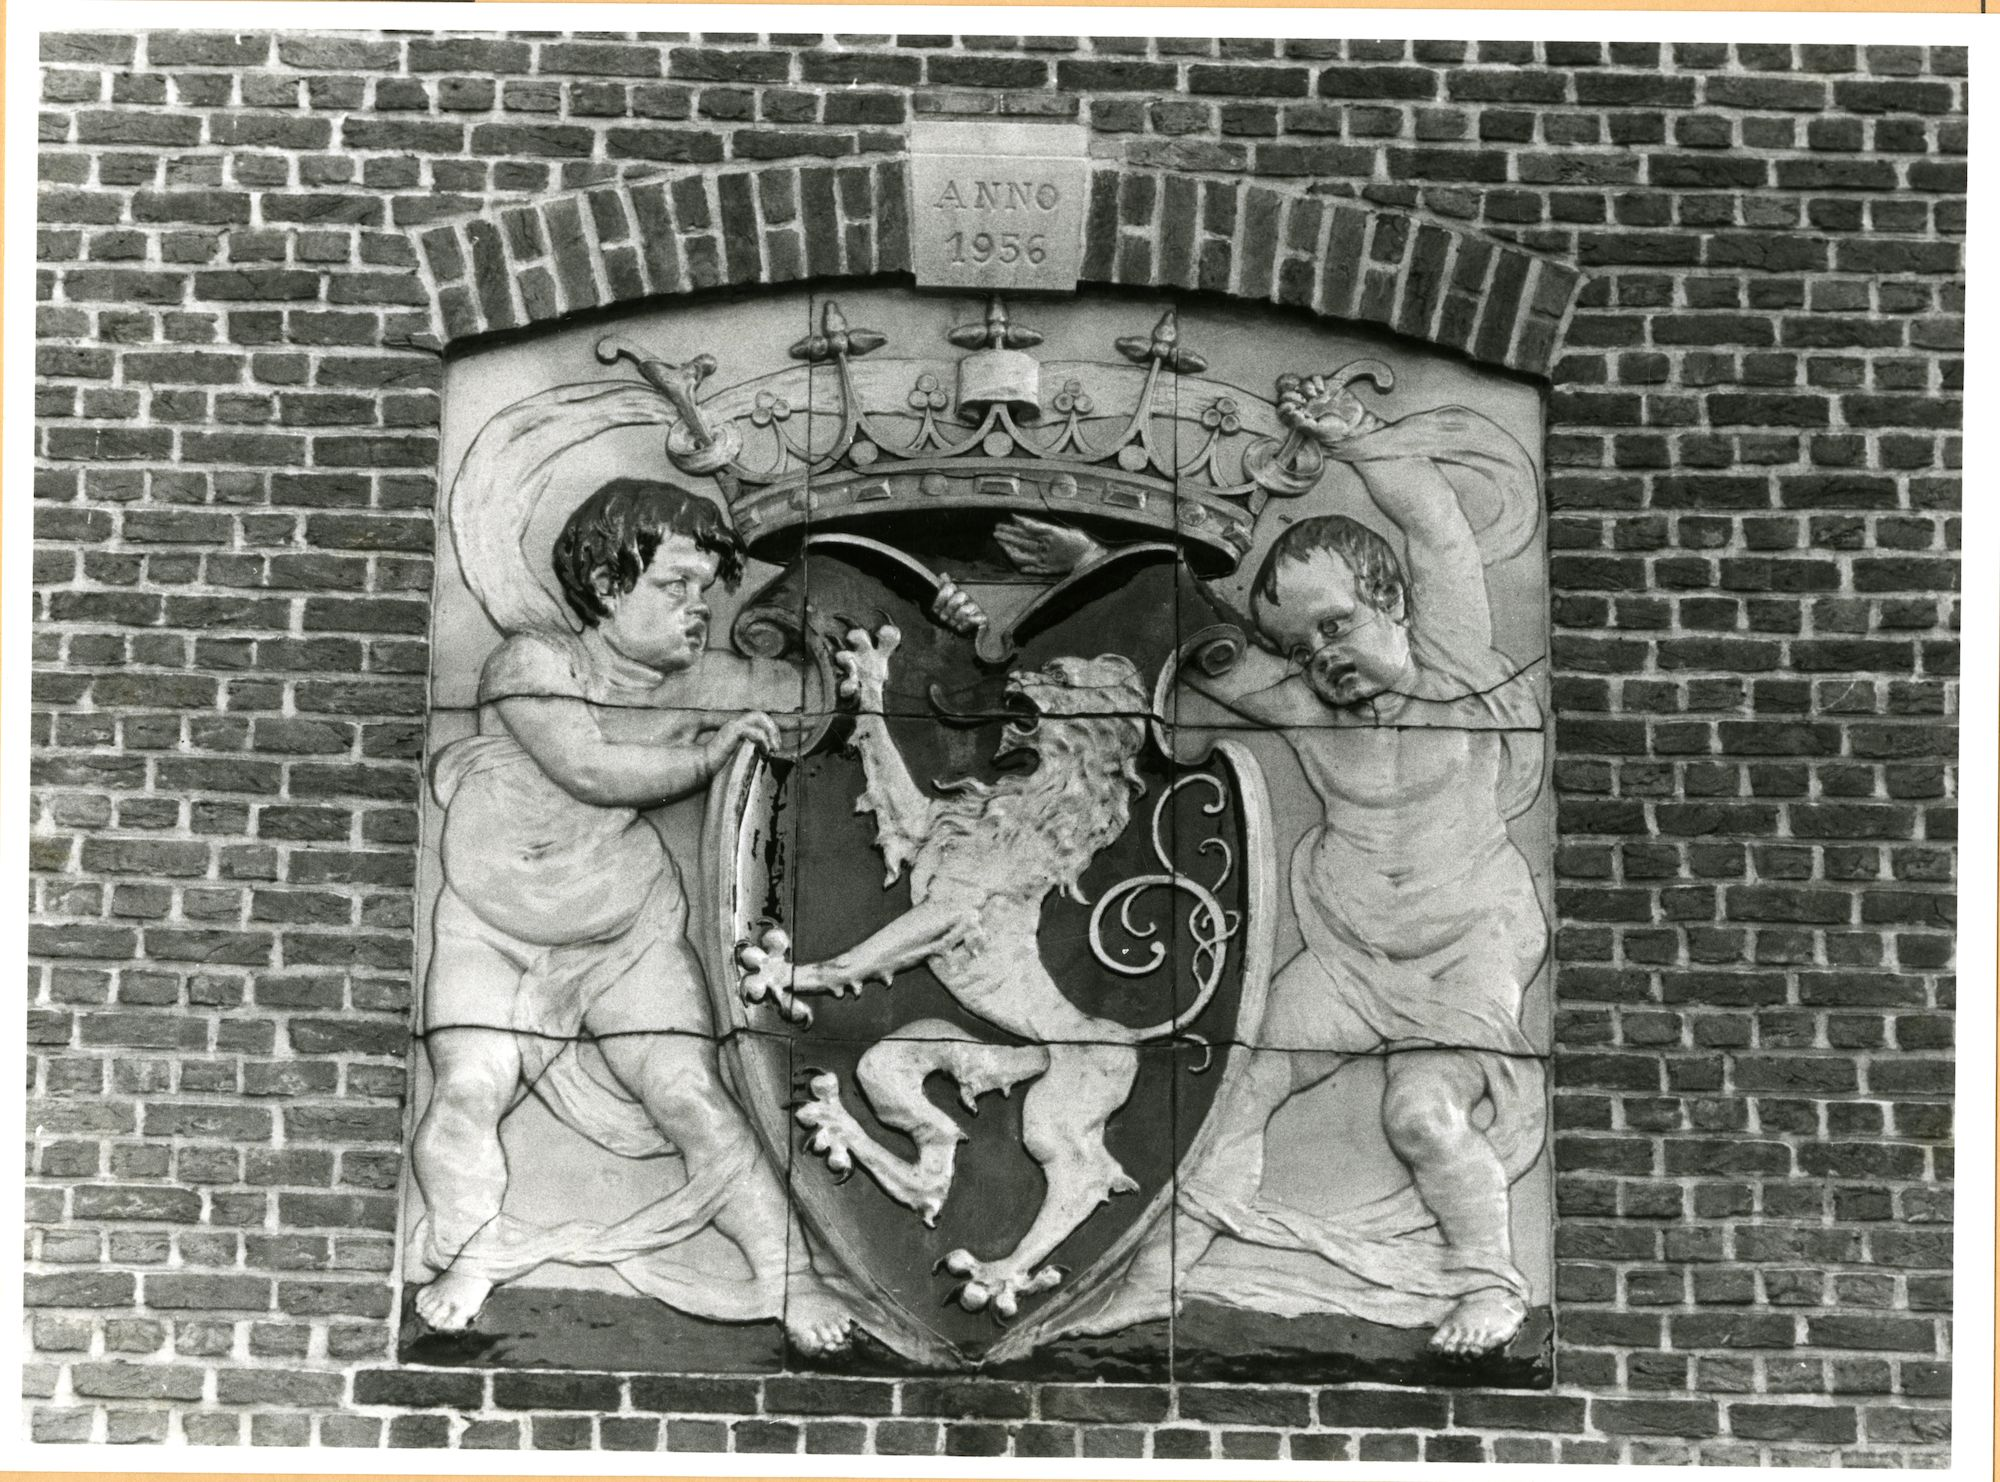 Gent: Maaltebruggestraat 129-143: Gevelsteen, 1979